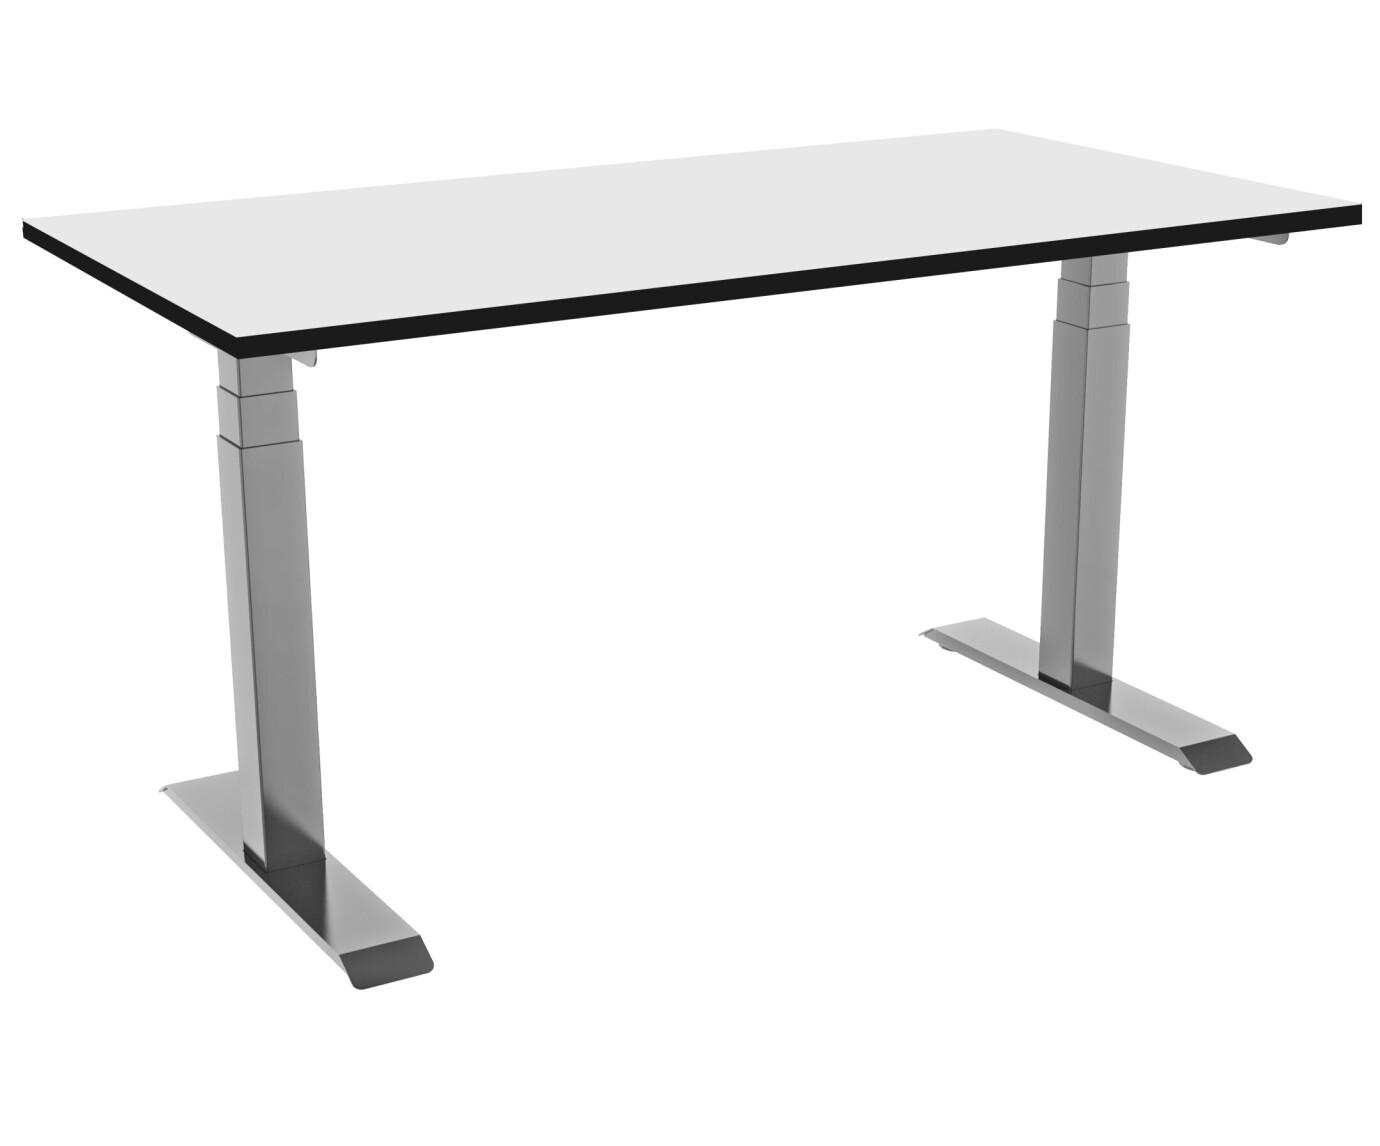 celexon elektrisch höhenverstellbarer Schreibtisch Professional eAdjust-58123 - grau, inkl. HPL Tischplatte 175 x 75 cm